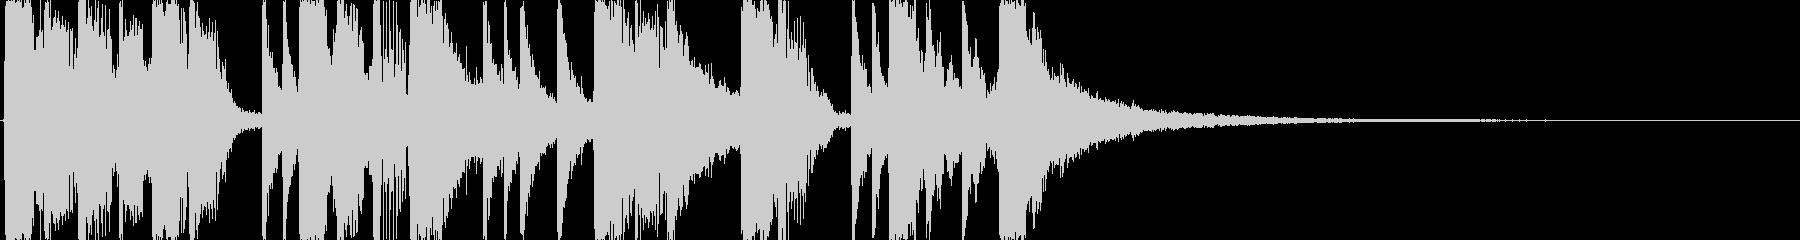 ベースとドラムのジングル・サウンドロゴの未再生の波形